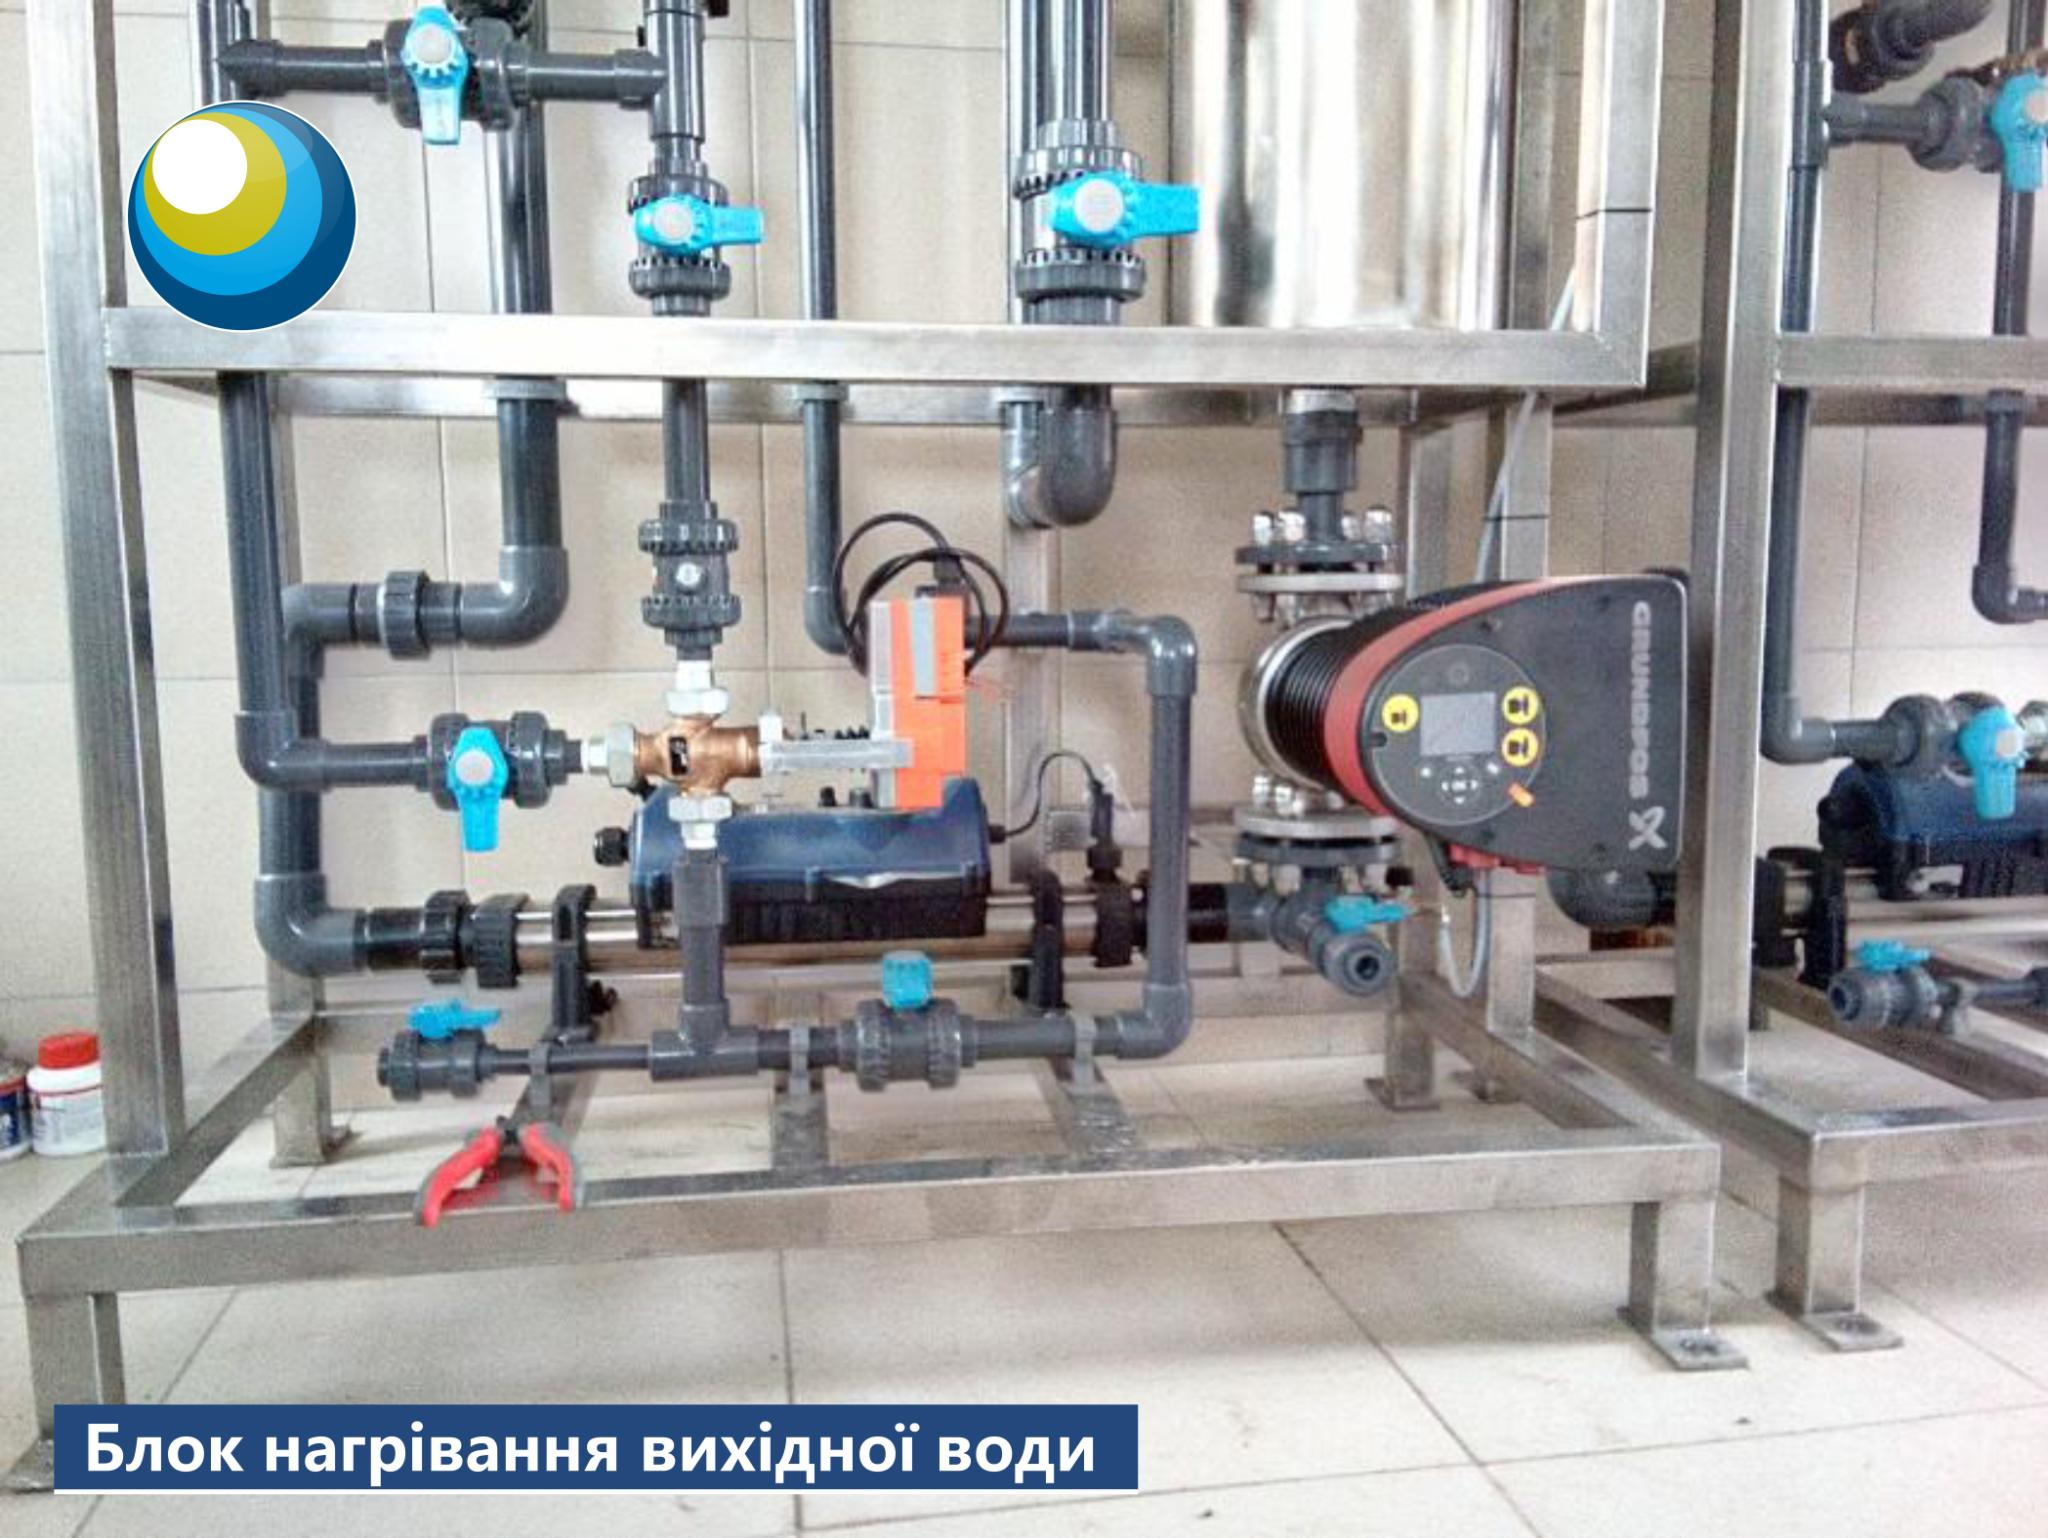 блок нагрівання вихідної води, електролізна установка 2